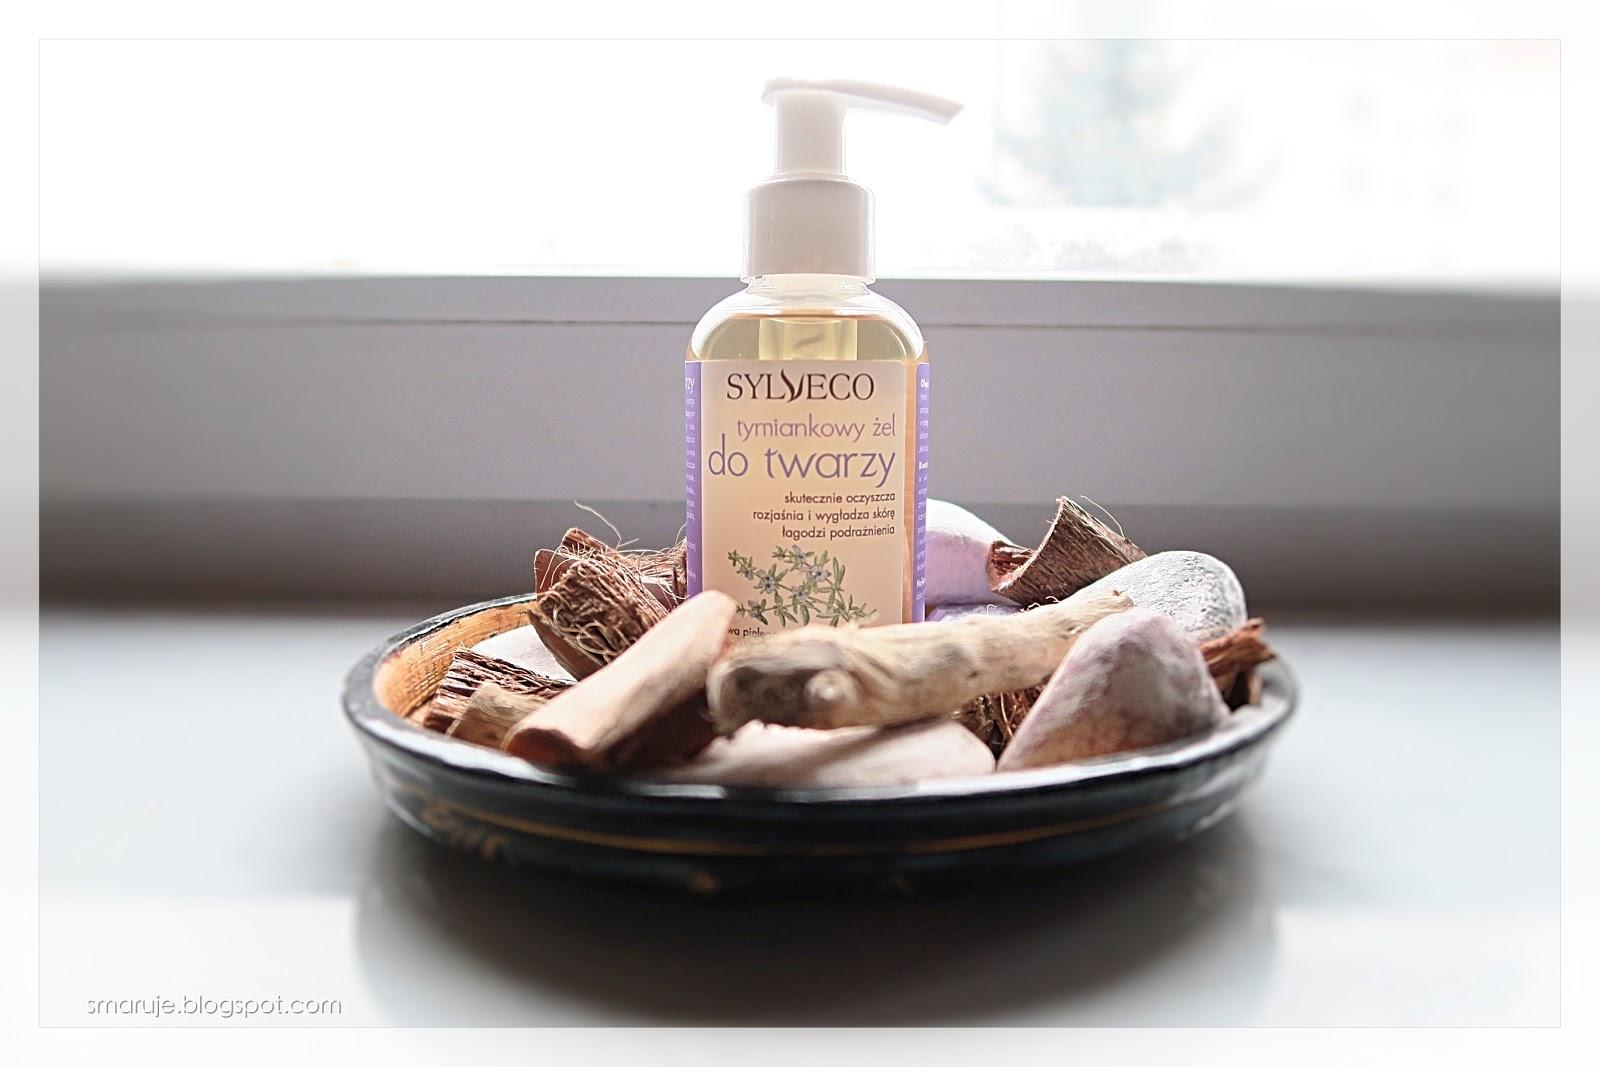 Sylveco –Tymiankowy żel do twarzy, czyli skuteczny żel o zapachu obiadu /recenzja/